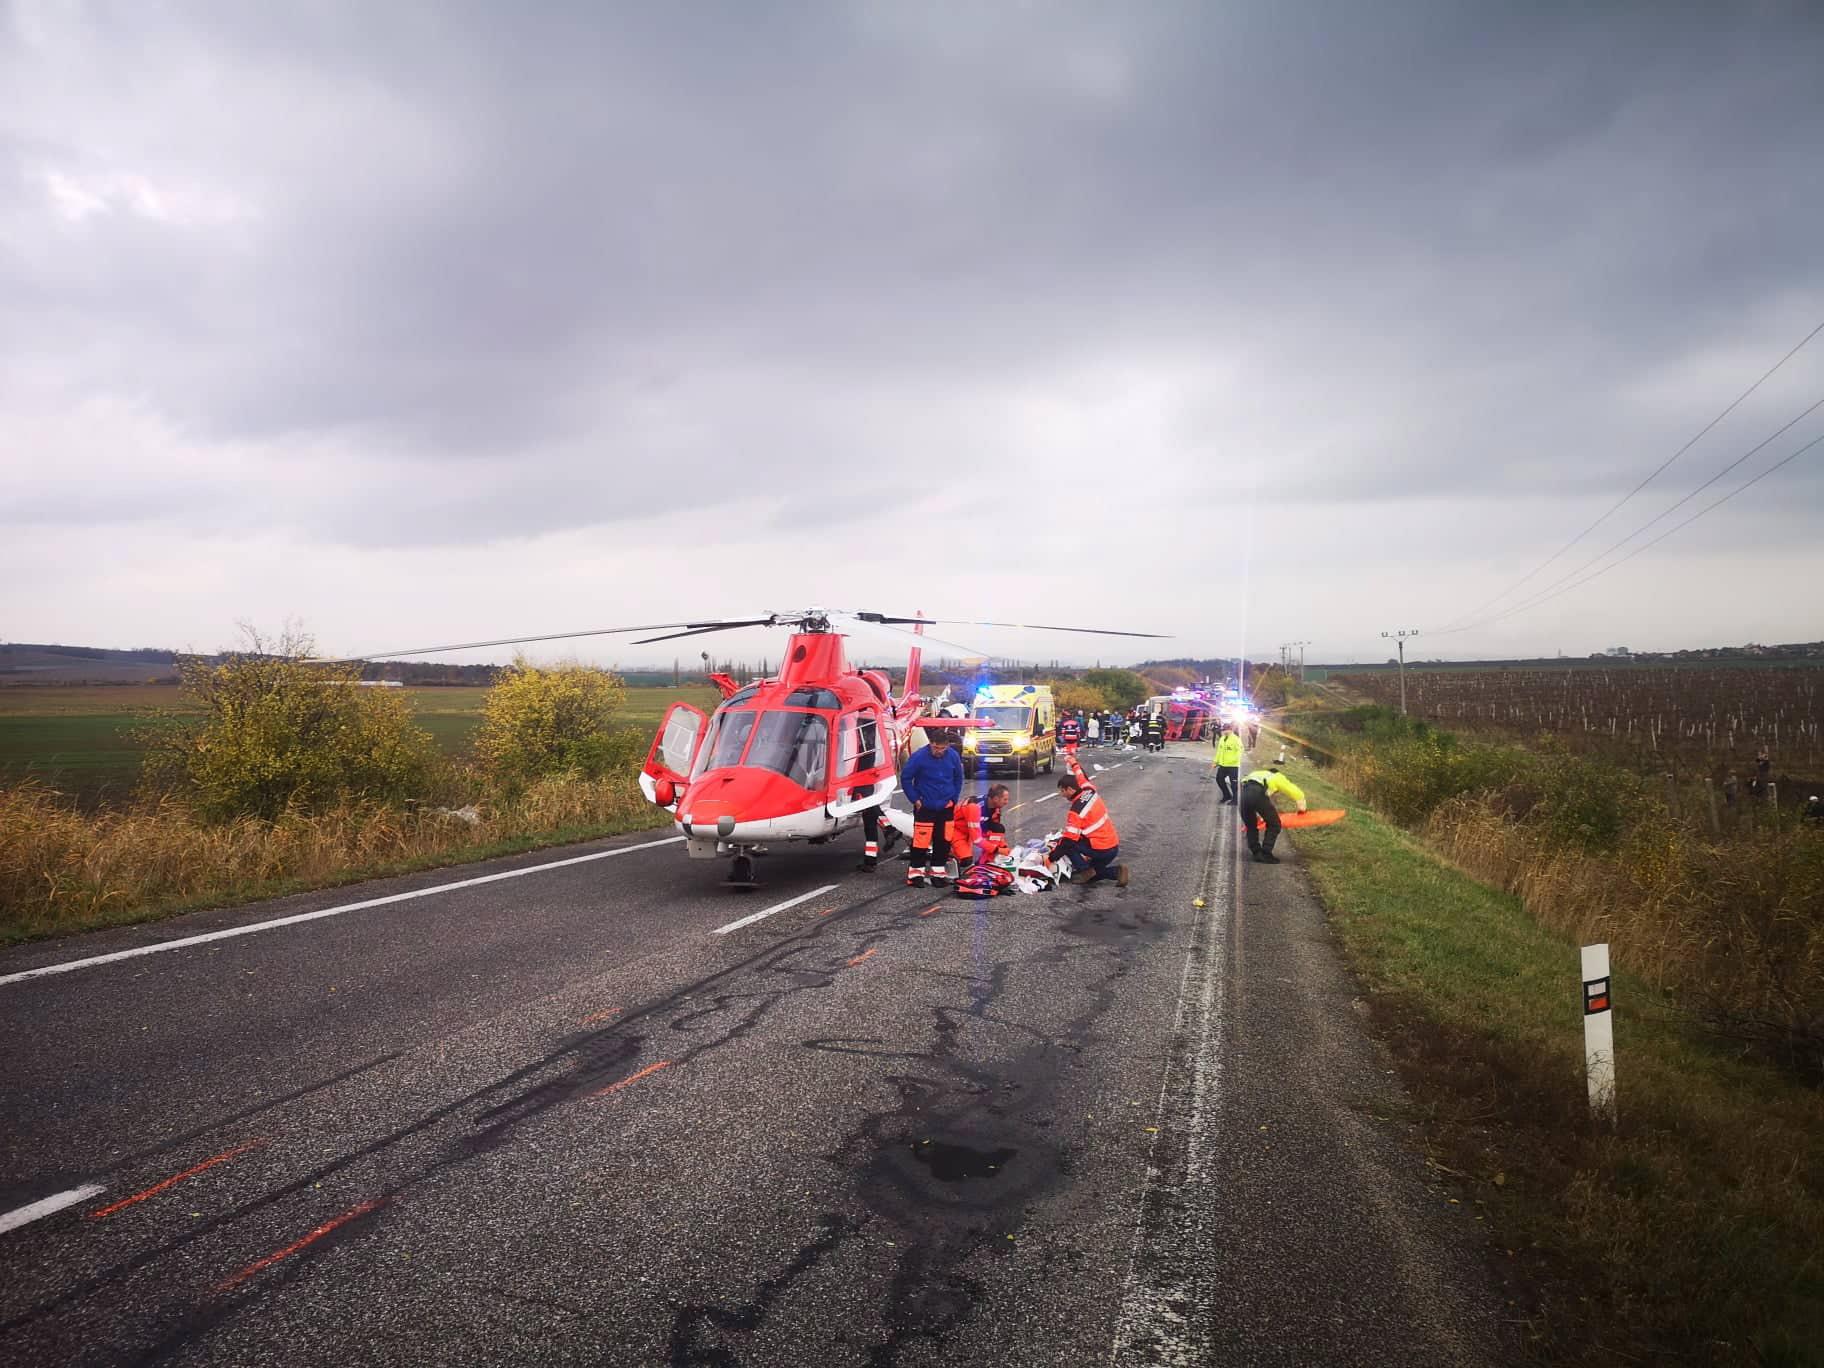 Най-малко 13 души загинаха, а 20 бяха ранени при сблъсък на автобус с камион в Западна Словакия, съобщиха от местната спасителна служба.